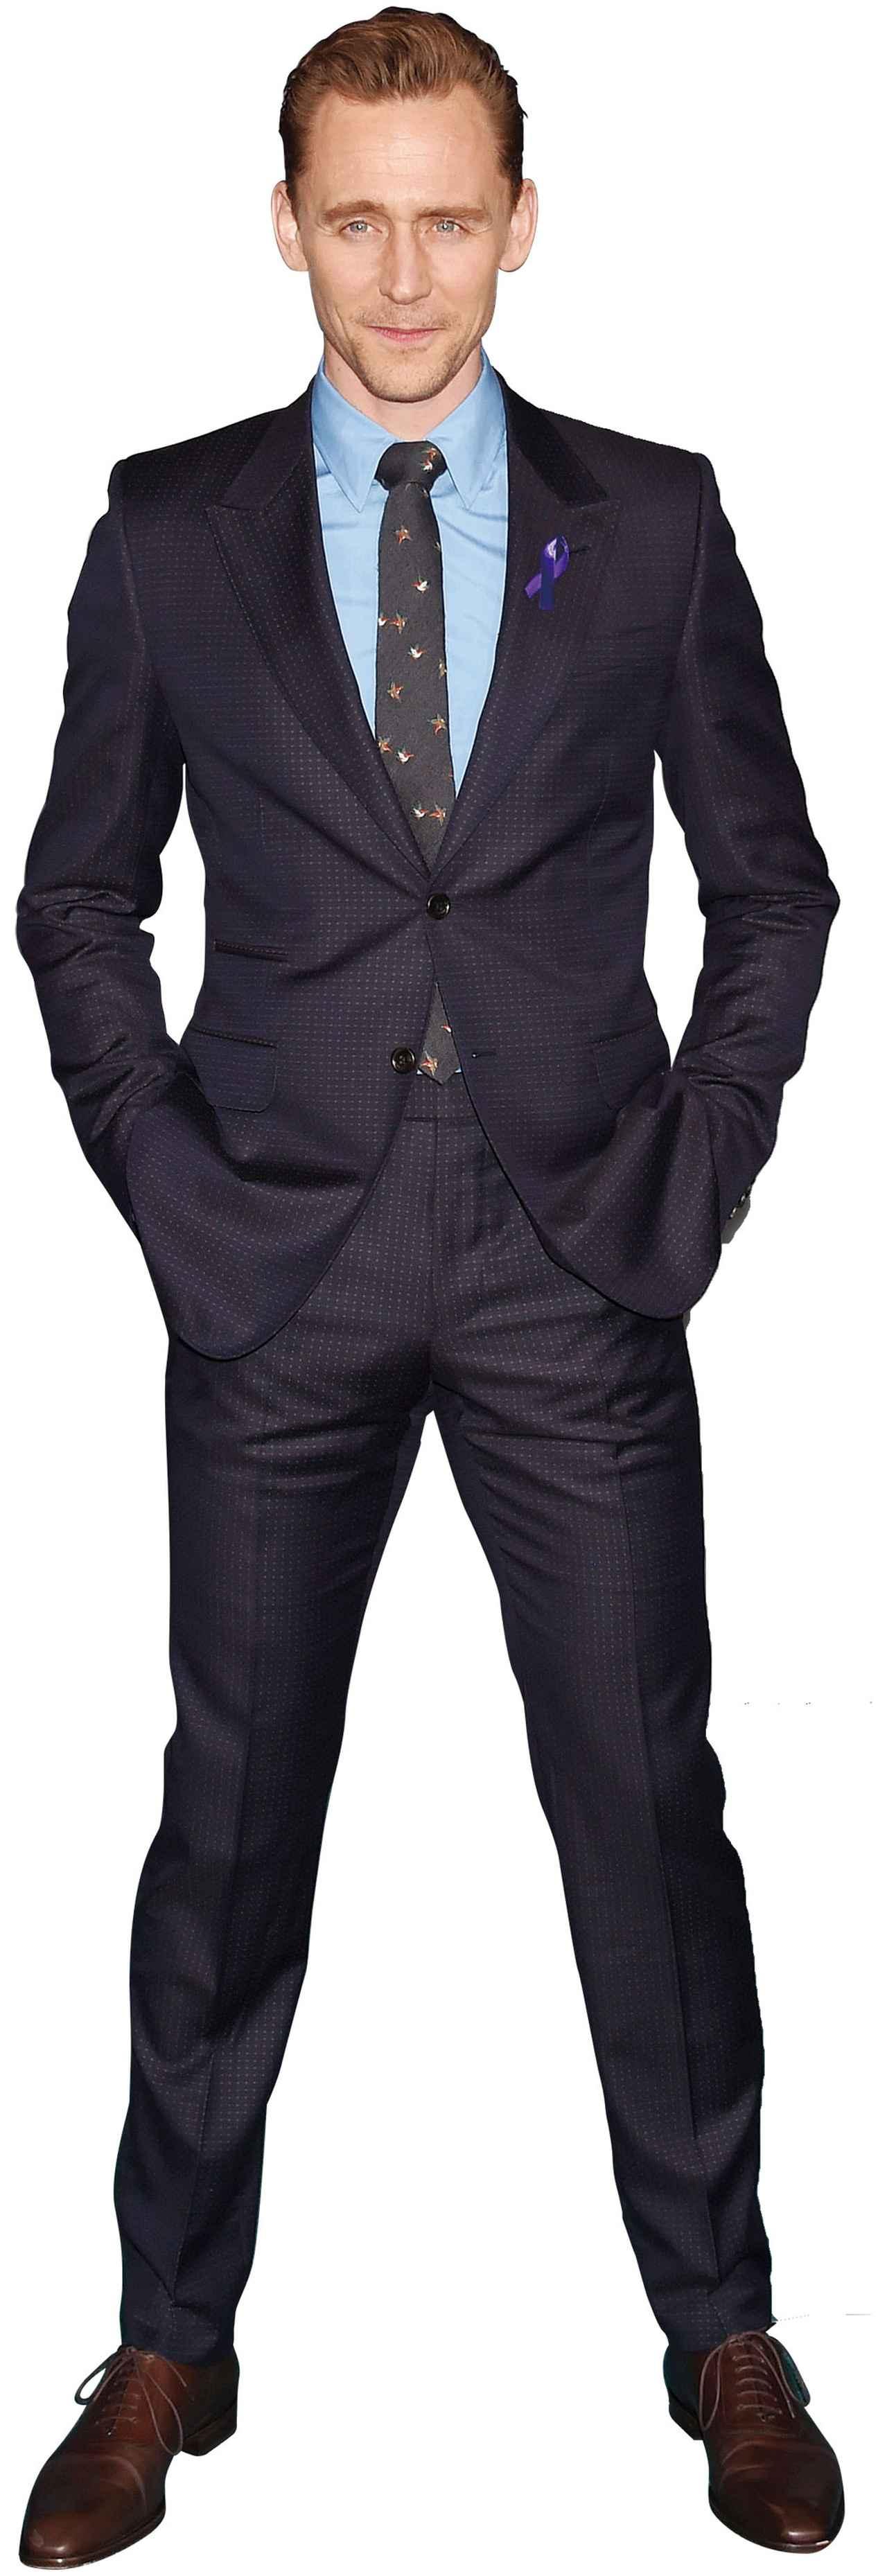 画像: トムの定番はスーツで決めて、ポケットに手を入れ仁王立ち!